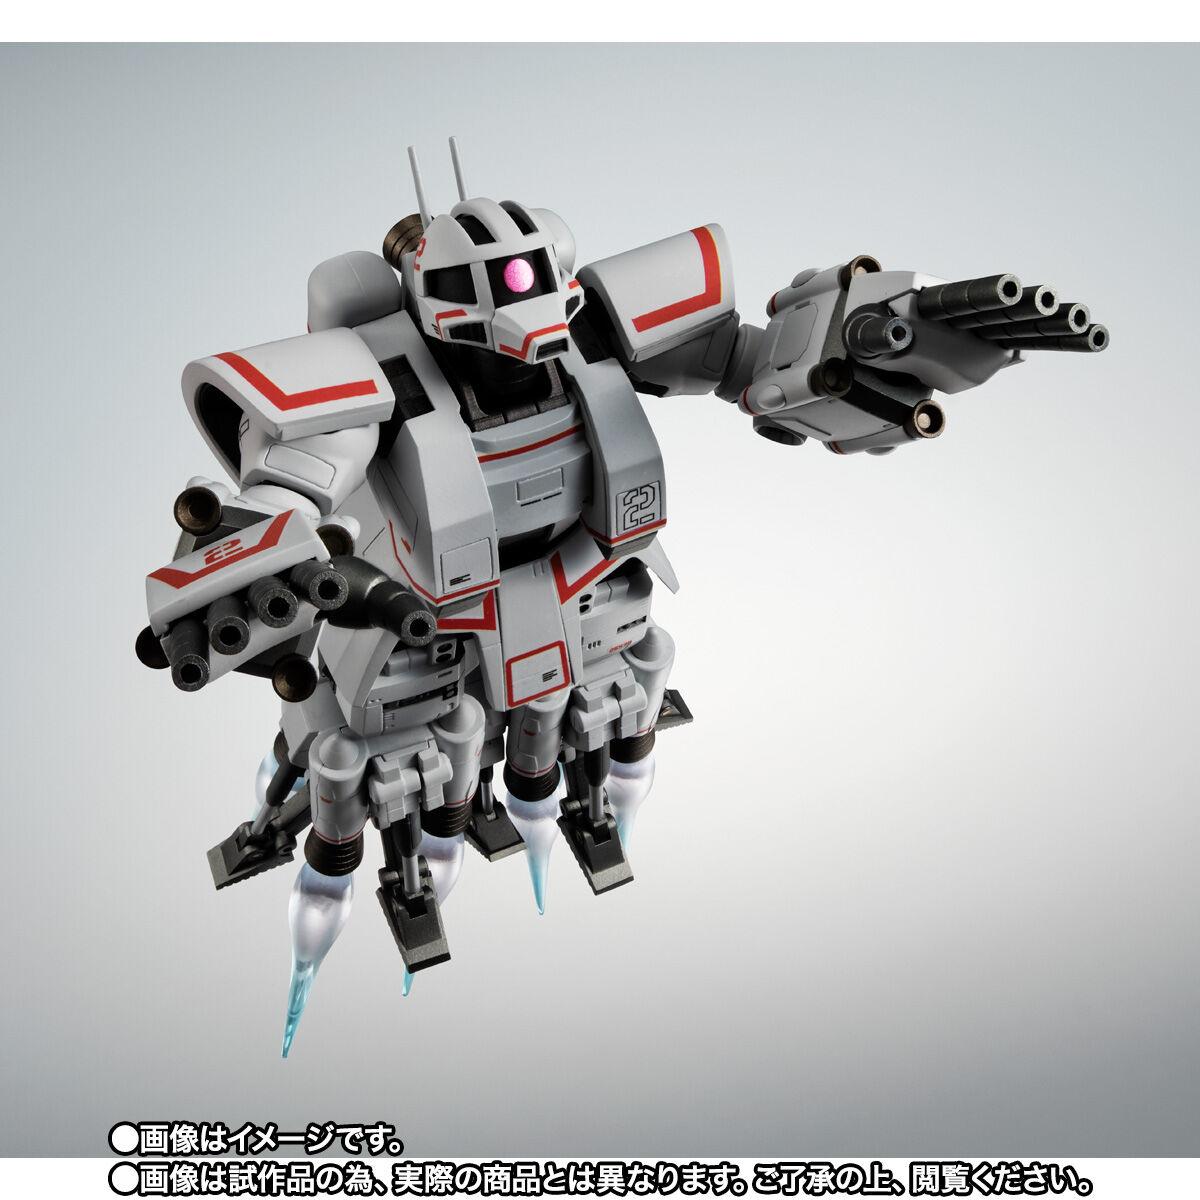 【限定販売】ROBOT魂〈SIDE MS〉『MSN-01 高速機動型ザク ver. A.N.I.M.E.』ガンダムMSV 可動フィギュア-007